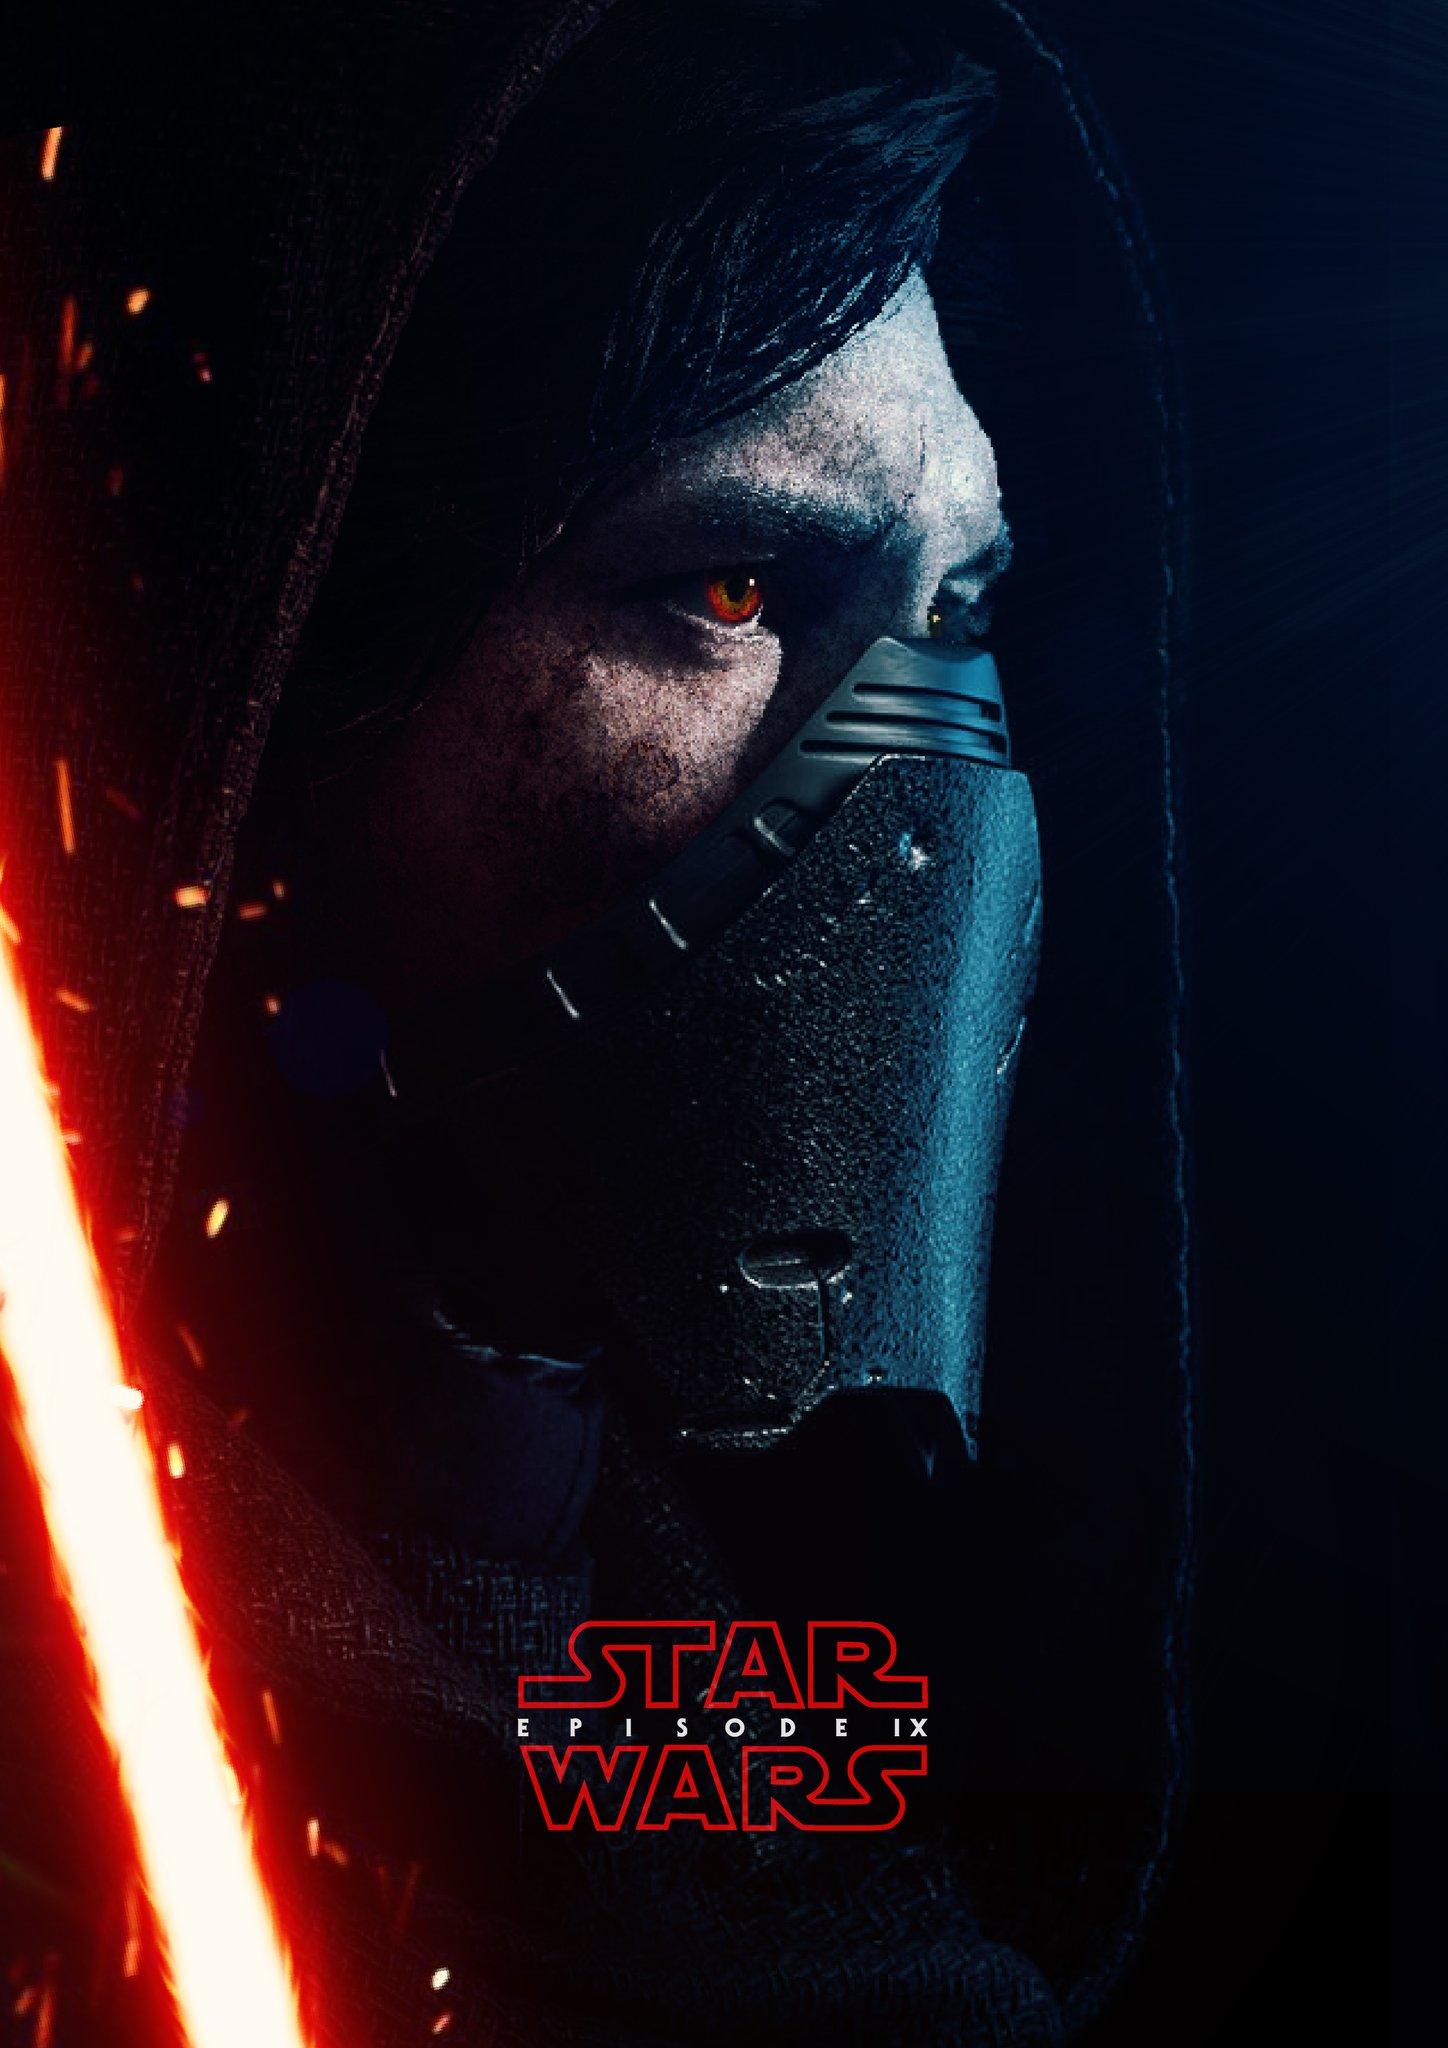 Star Wars Episode Ix 2019 novel trailer Reddit